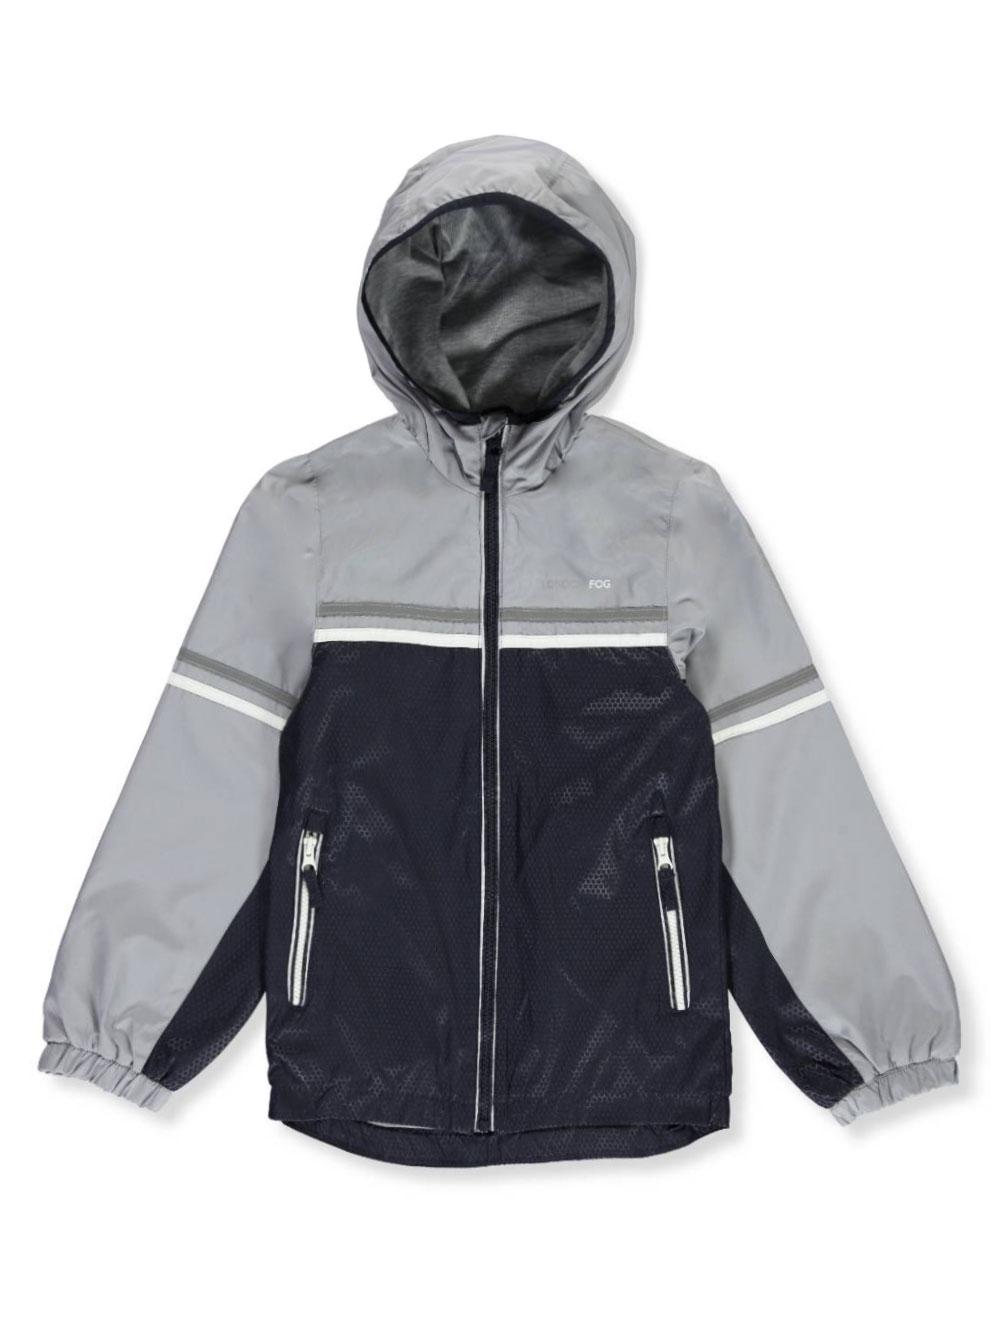 9f1101489 London Fog Boys Hooded Windbreaker Jacket